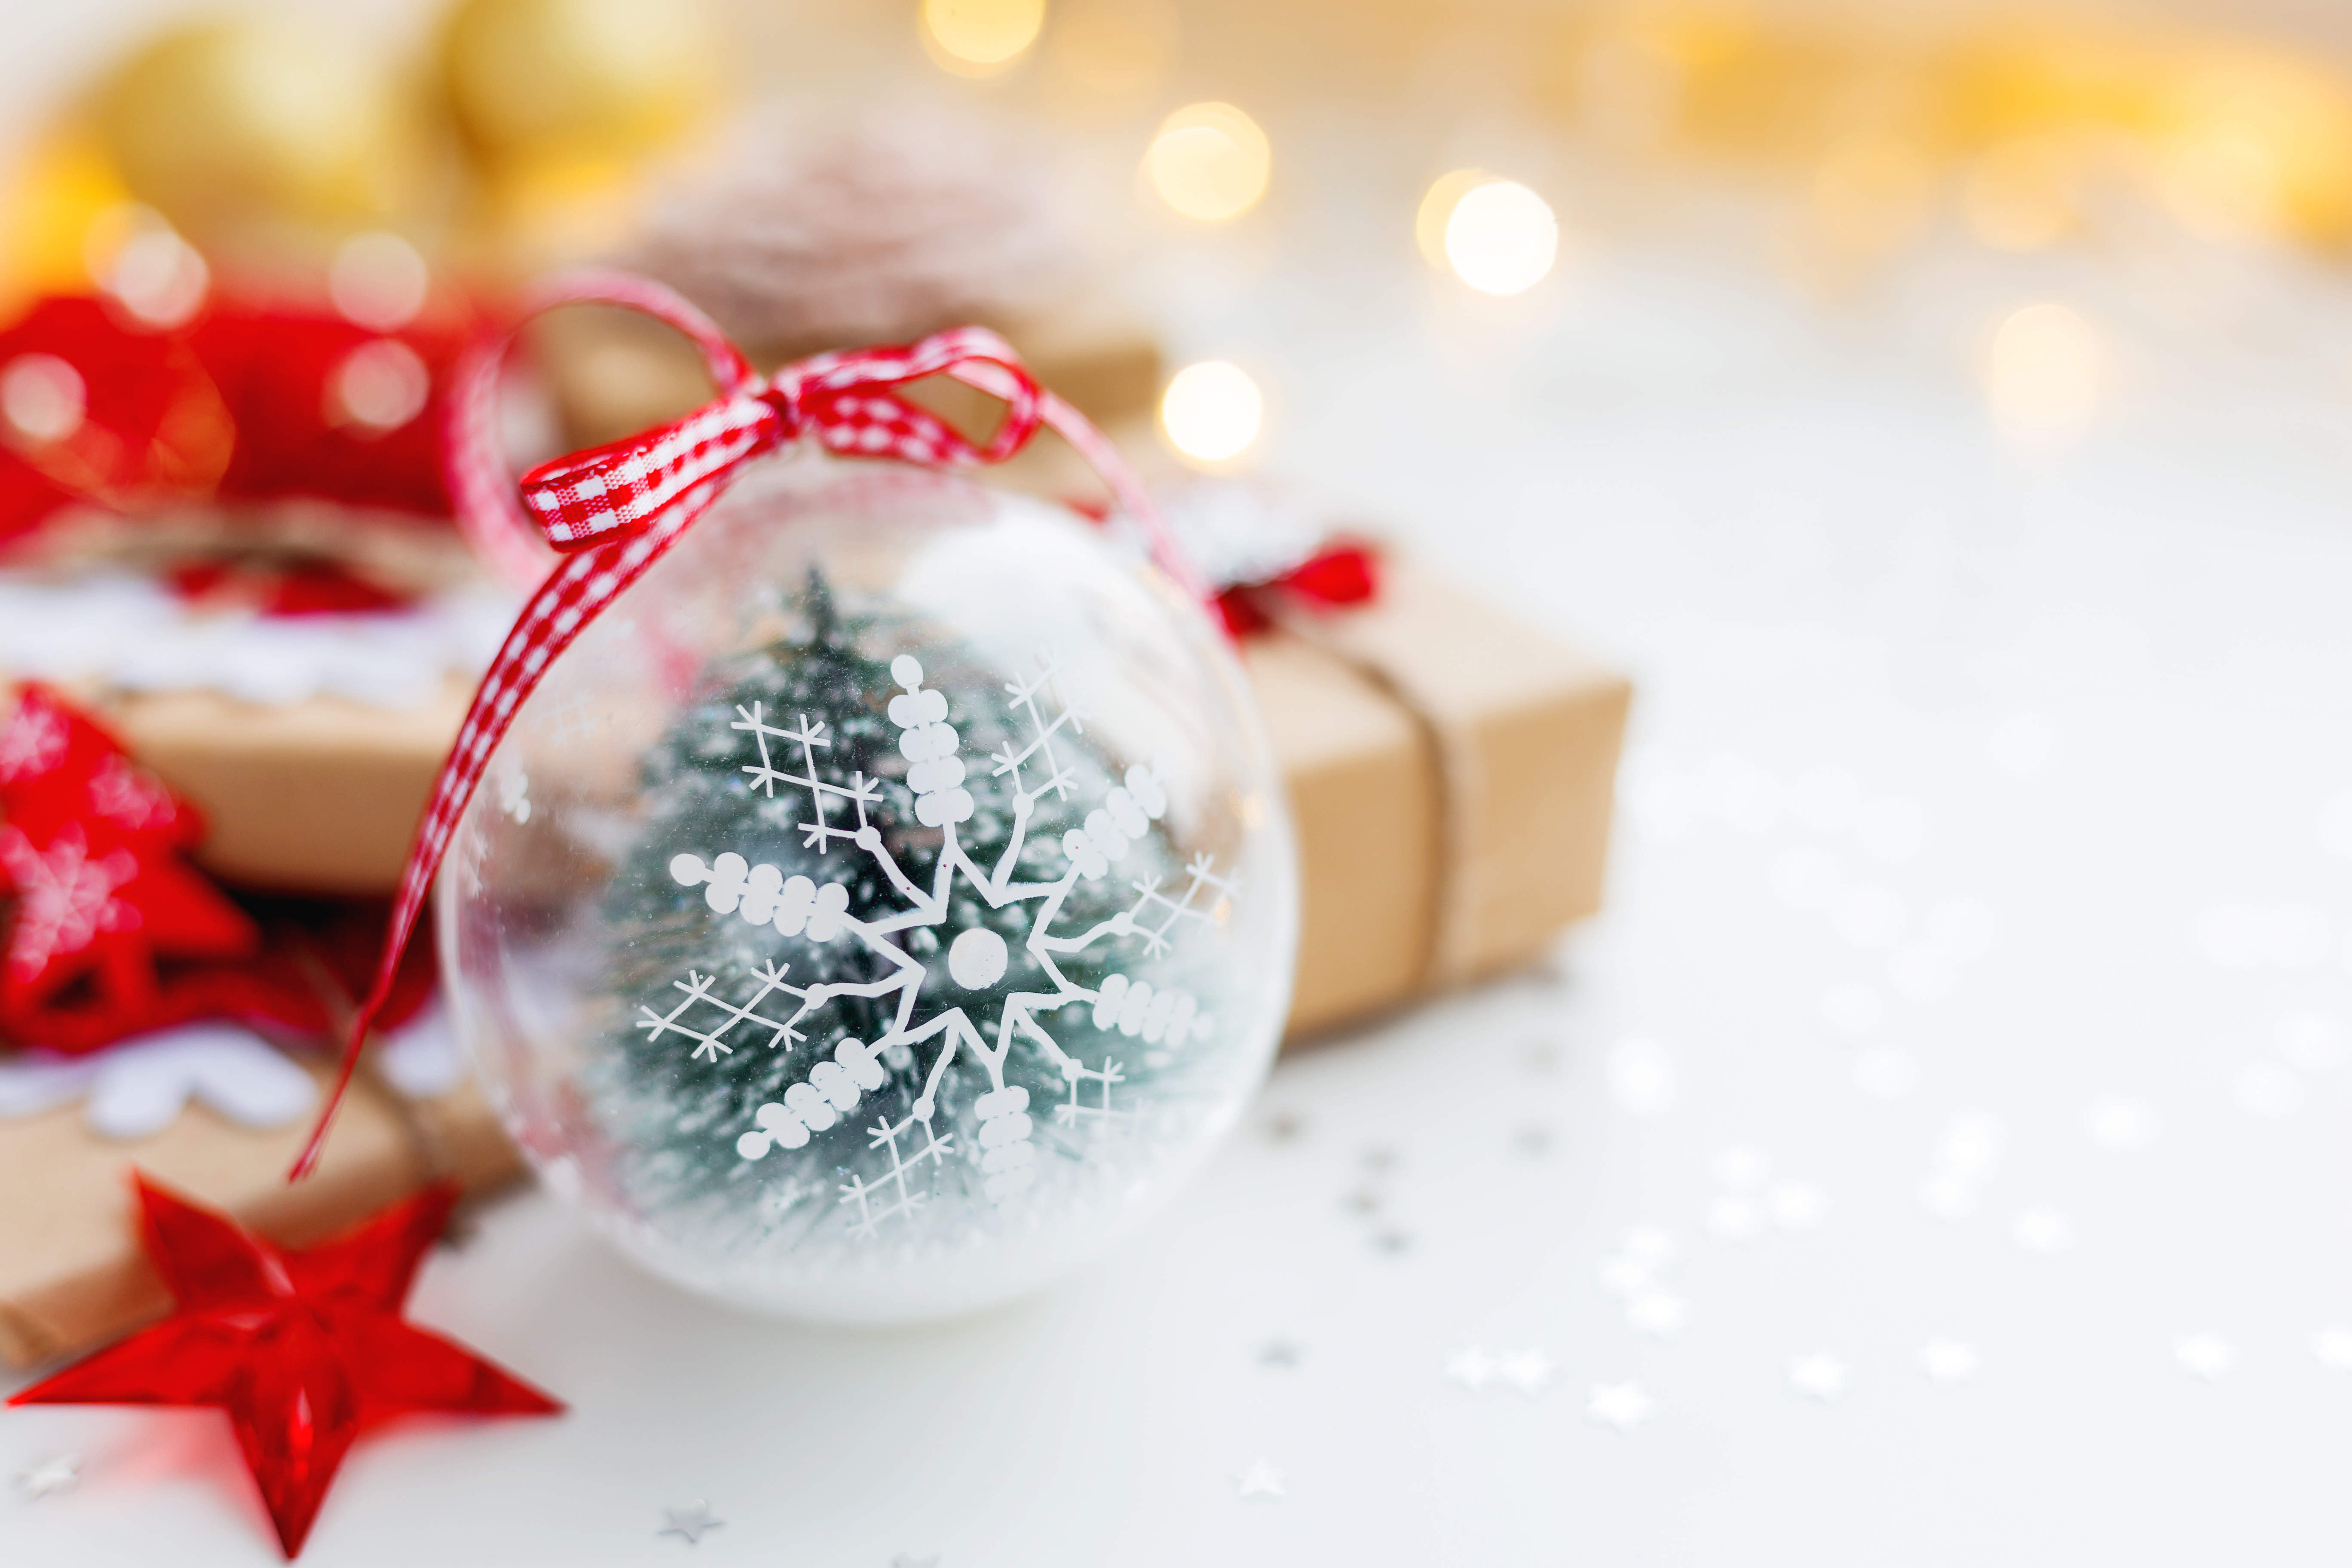 Boule De Noel Transparente A Decorer dedans boule de noël, 5 idées de décorations | blog la foir'fouille